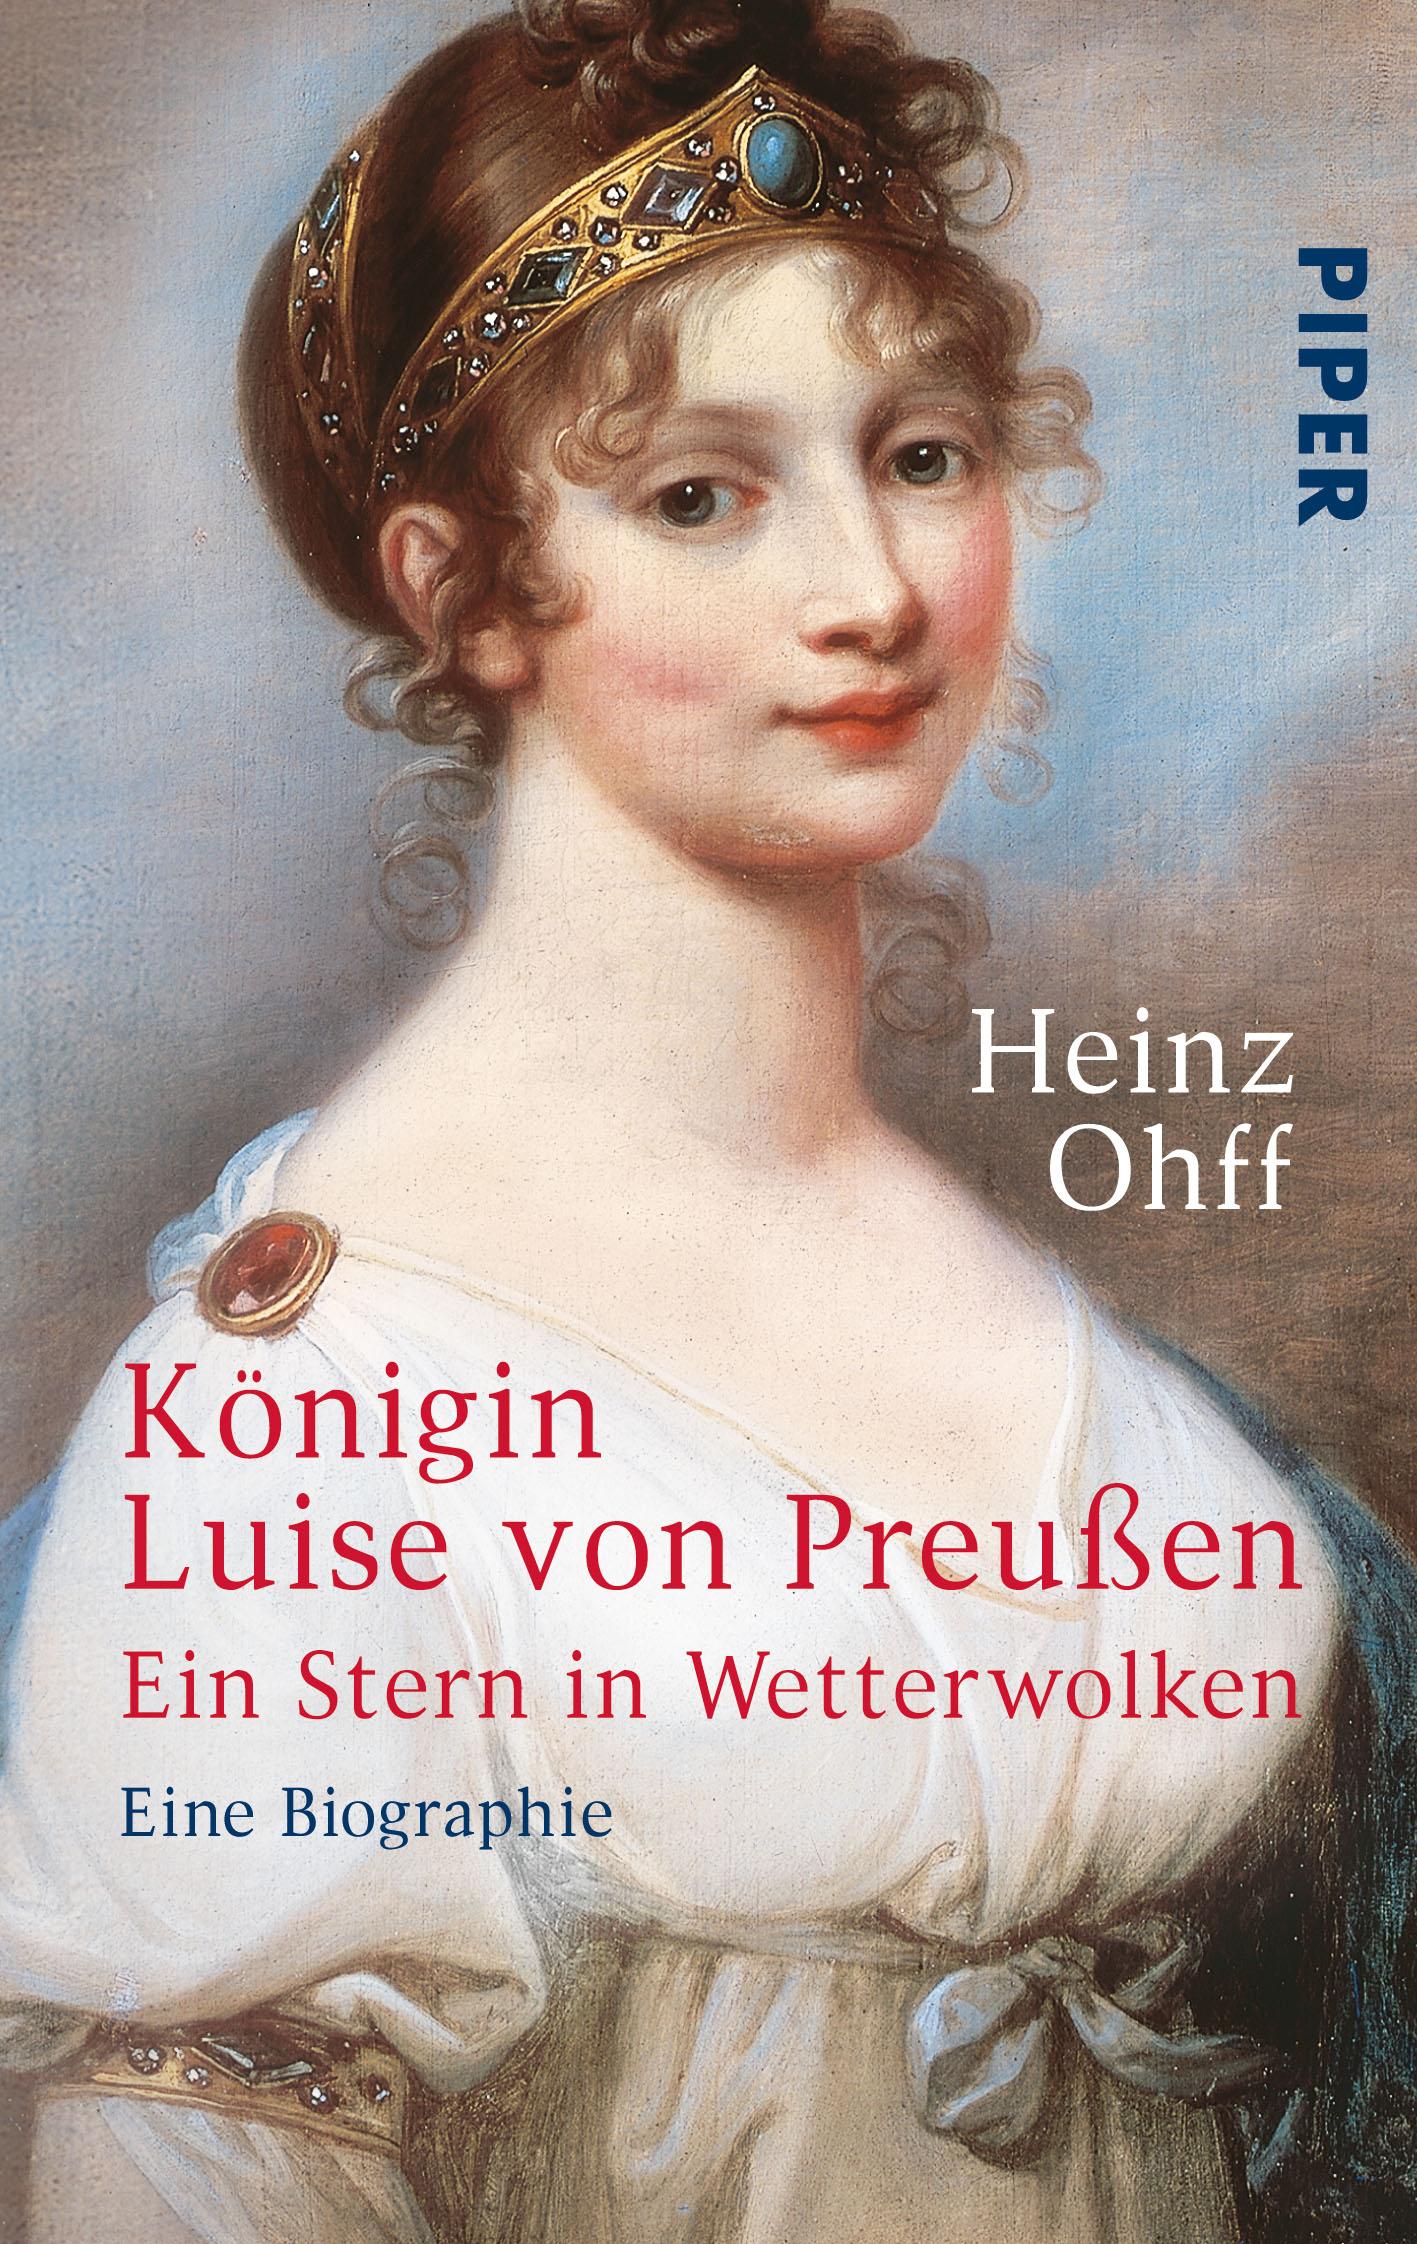 Königin Luise von Preußen von Heinz Ohff | PIPER